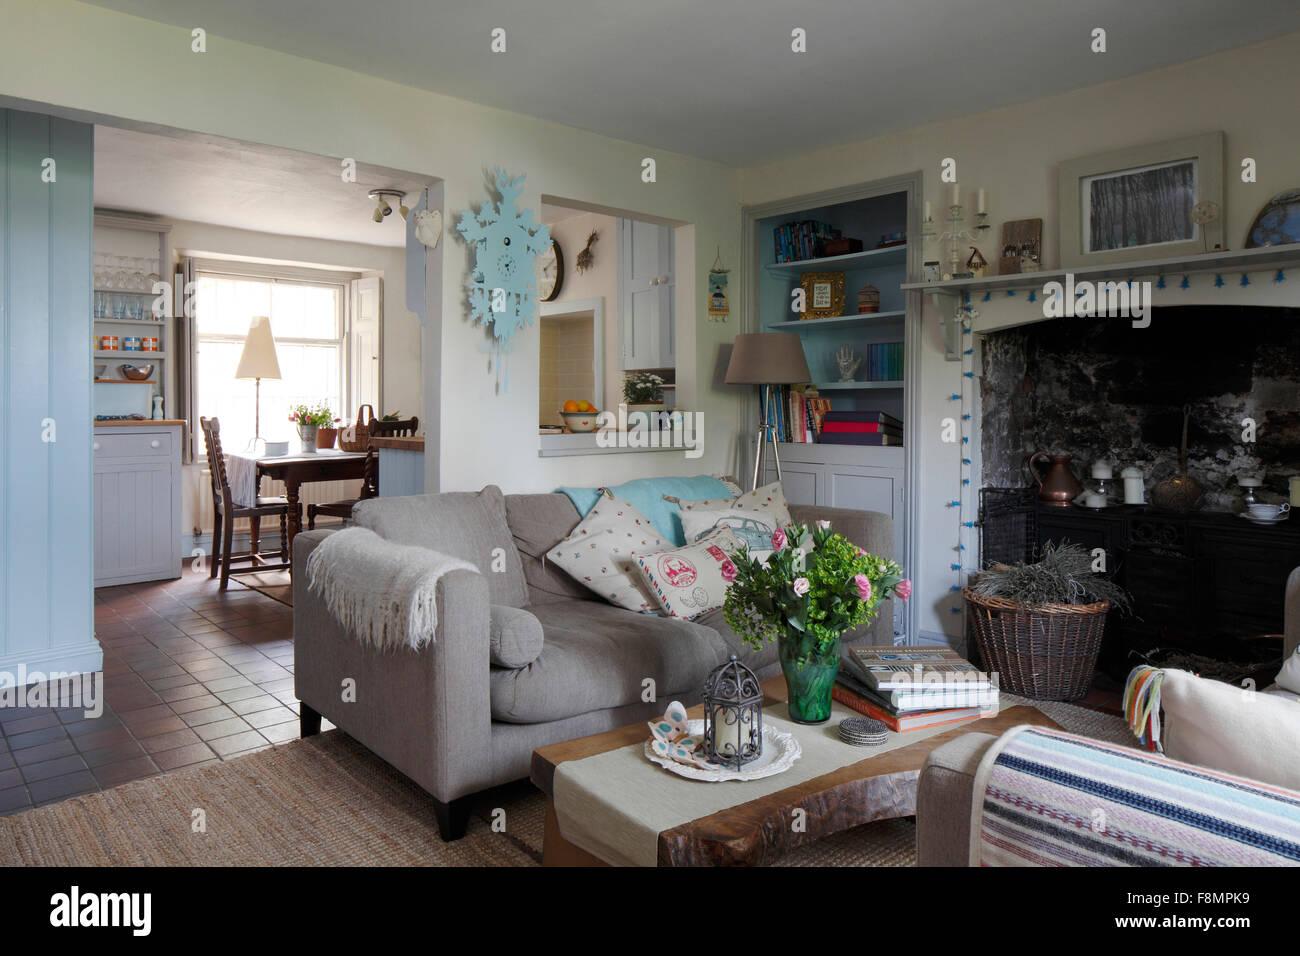 Offene Küche, Wohnzimmer mit Eisen in großen Kamin Stockfoto, Bild ...